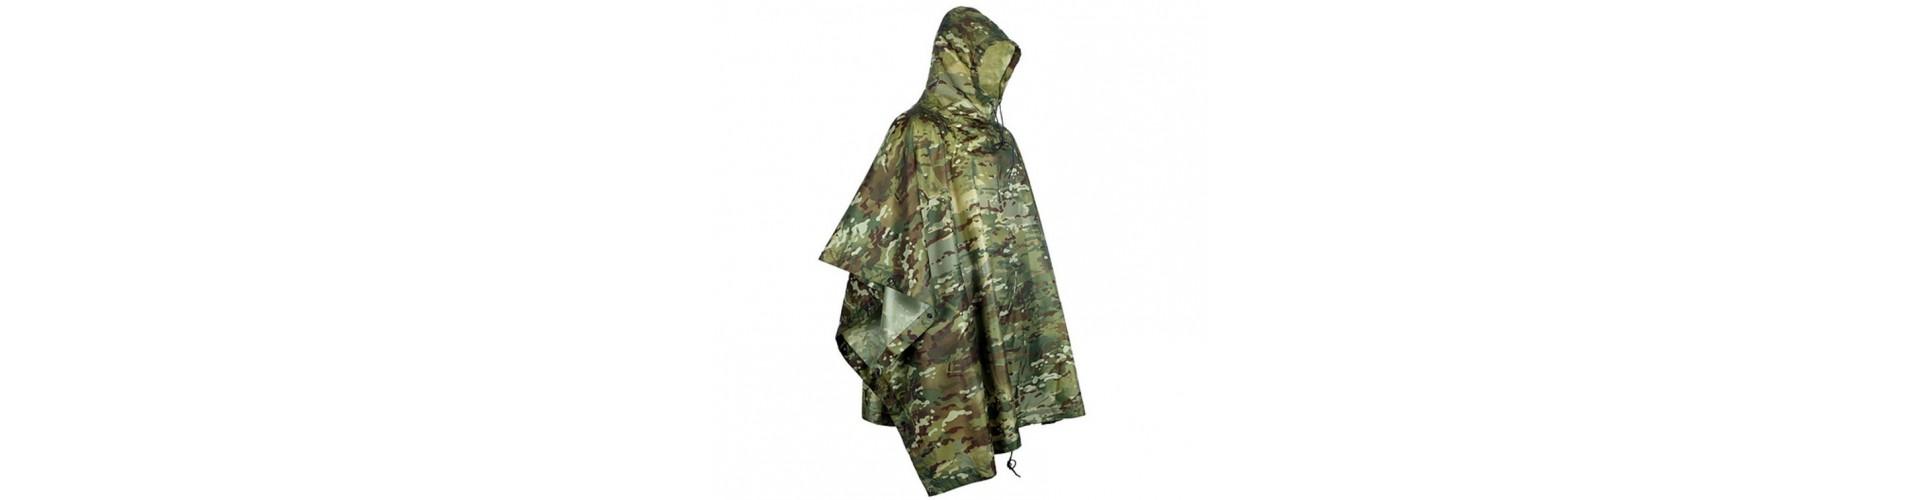 Jagt regntøj - Køb camouflage regnslag og regntøj til jagt